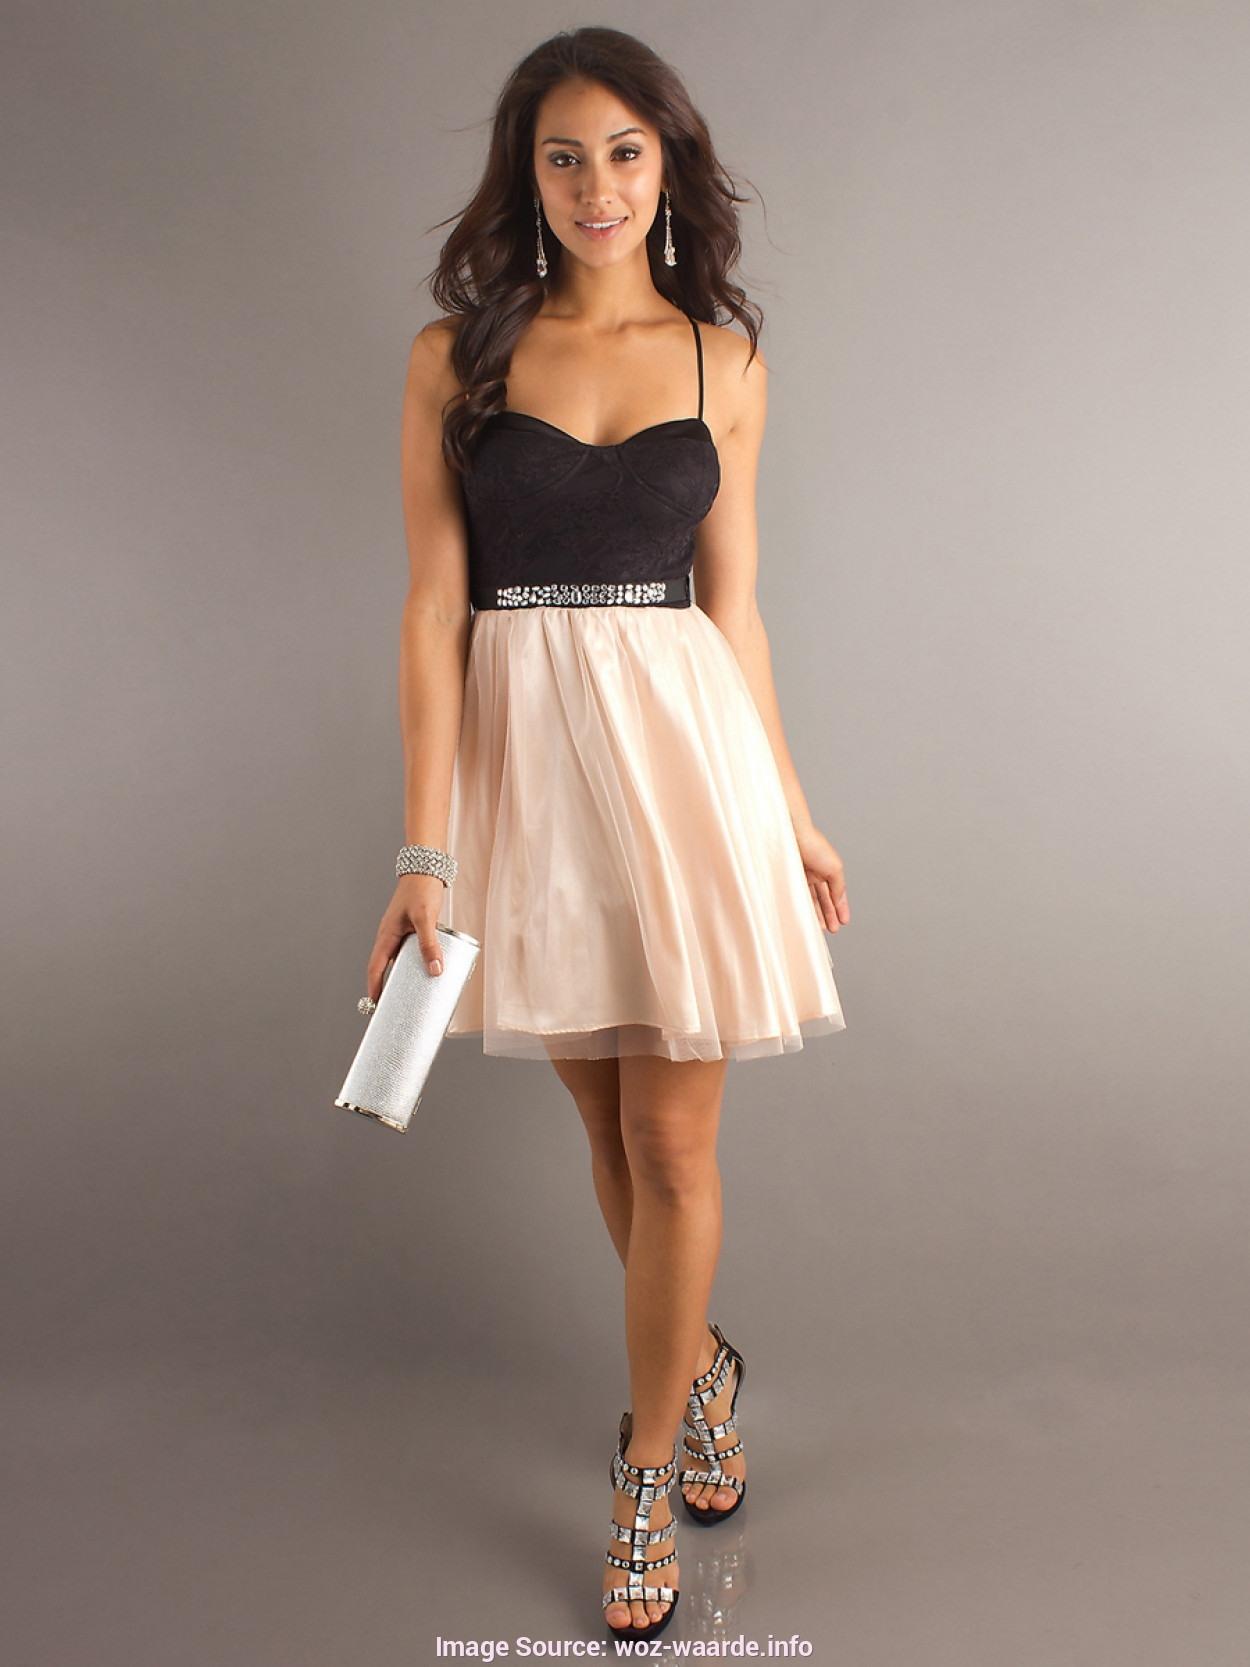 10 Einfach Damen Kleider Hochzeitsgast Bester PreisAbend Einfach Damen Kleider Hochzeitsgast Ärmel